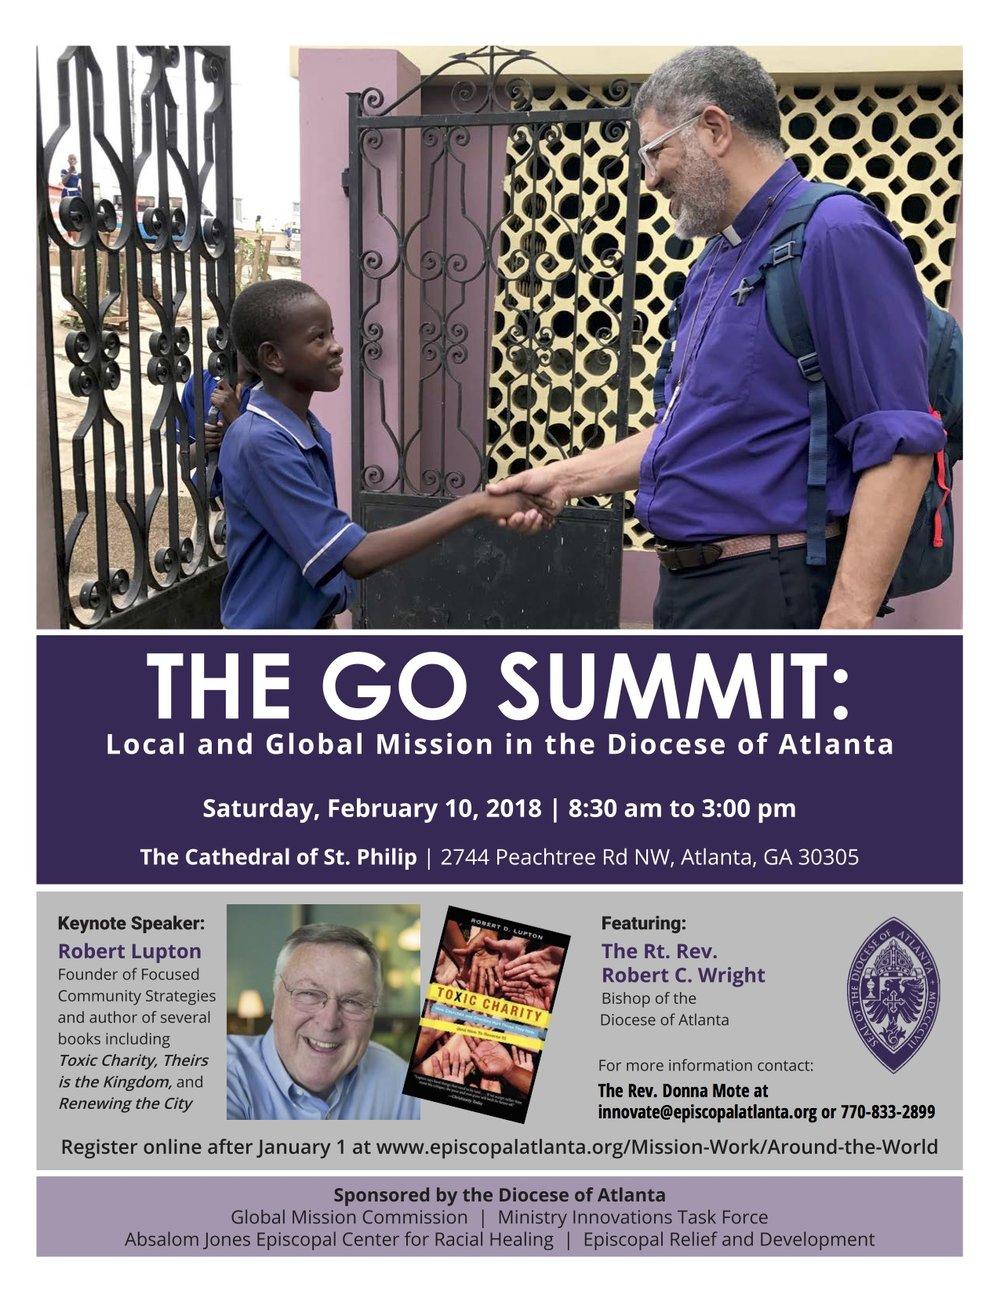 2018 Go Summit Flyer-updated.jpg